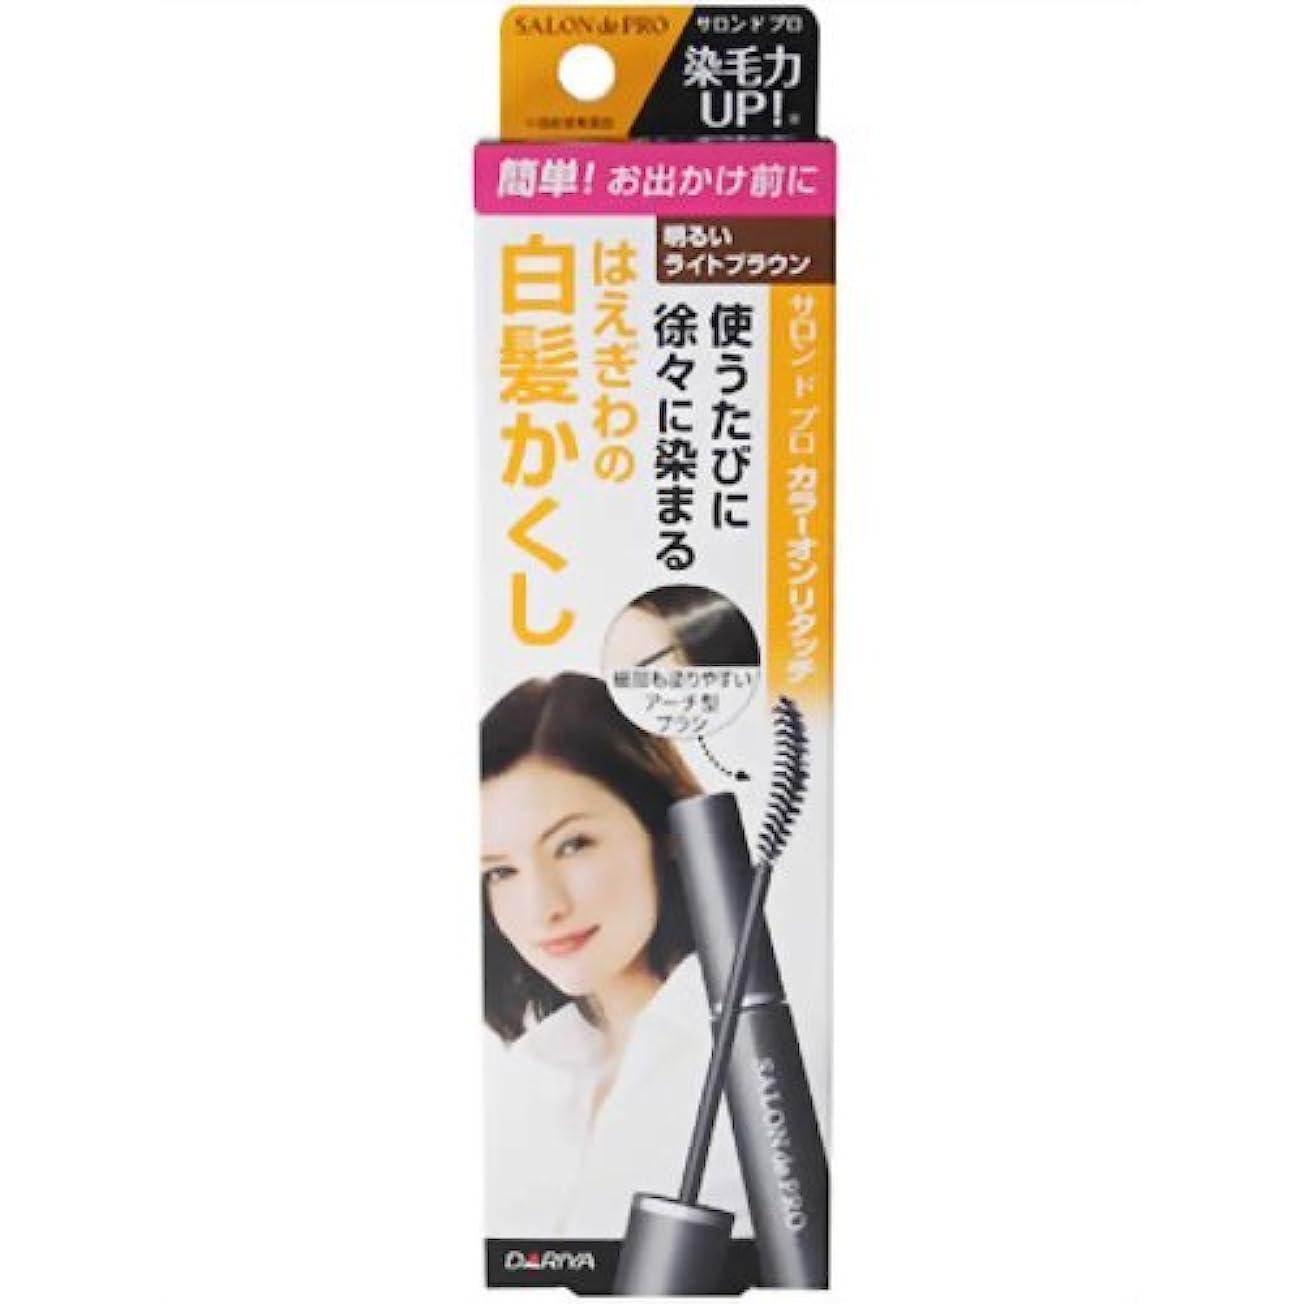 酸長いですハリケーンサロンドプロカラーオンリタッチ白髪かくし 明るいライトブラウン       15ML × 5個セット